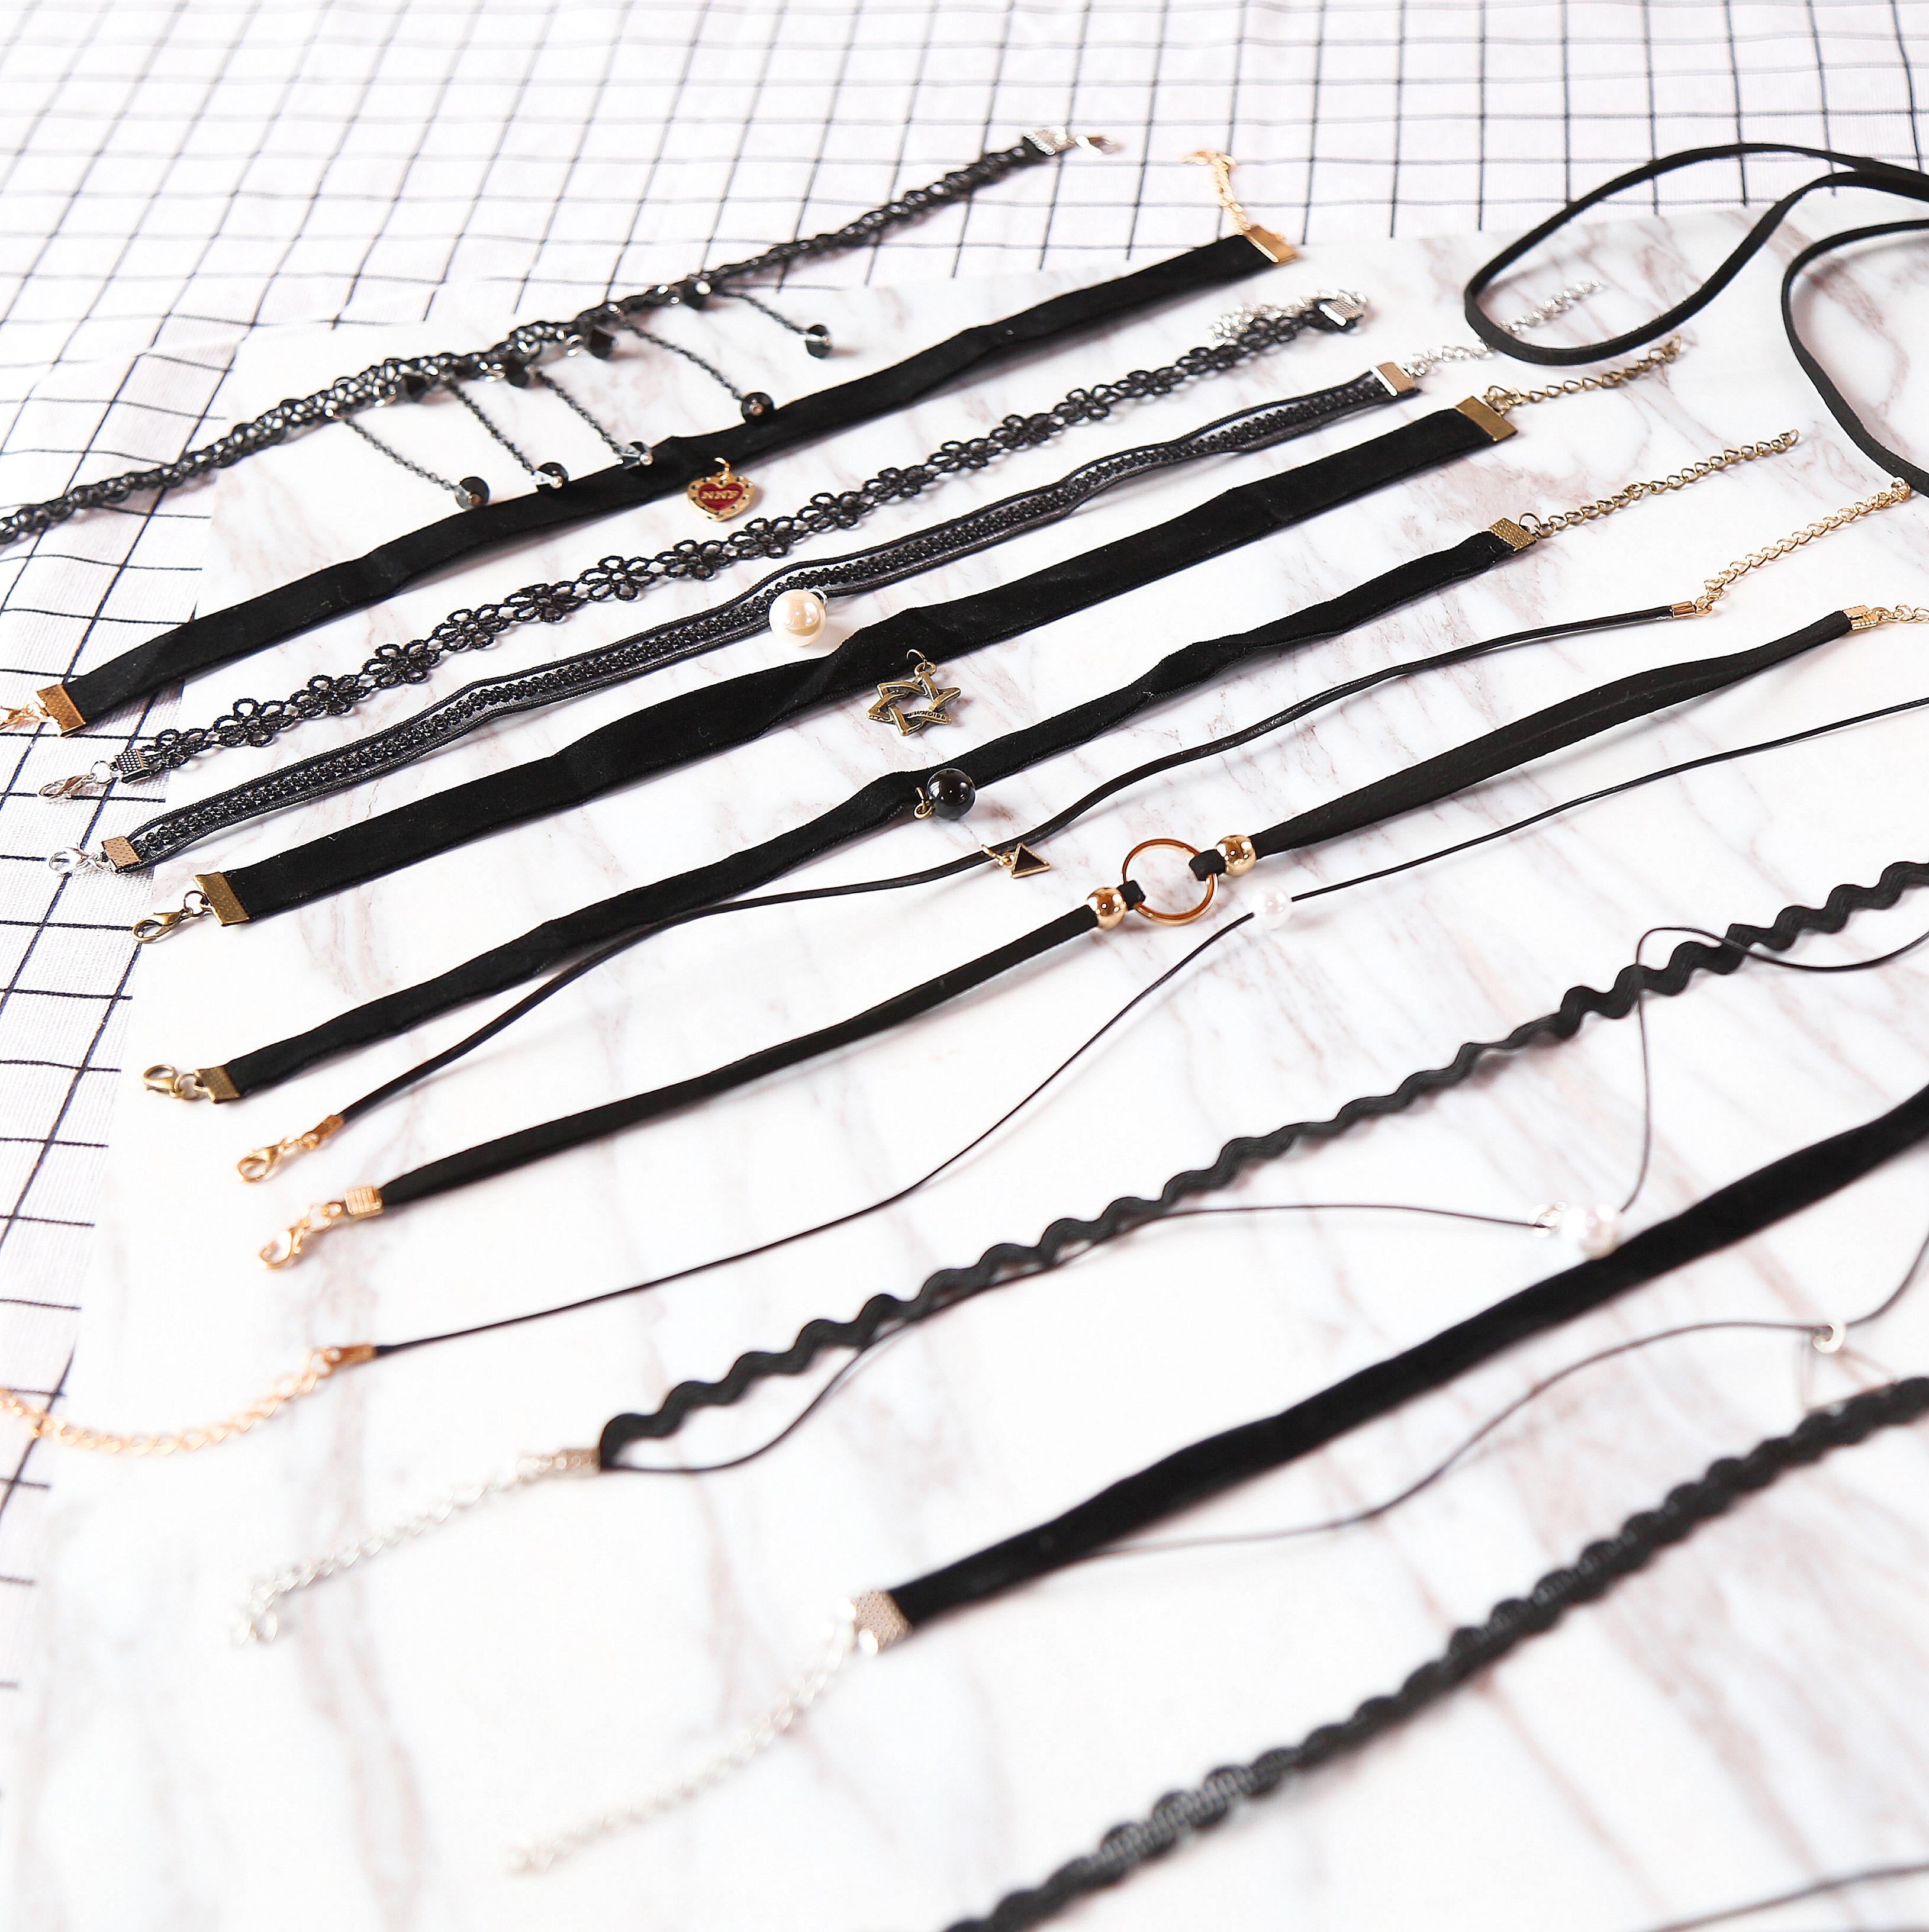 【今天是粥几】13件套锁骨颈链组合装 蕾丝天鹅绒choker项链创意